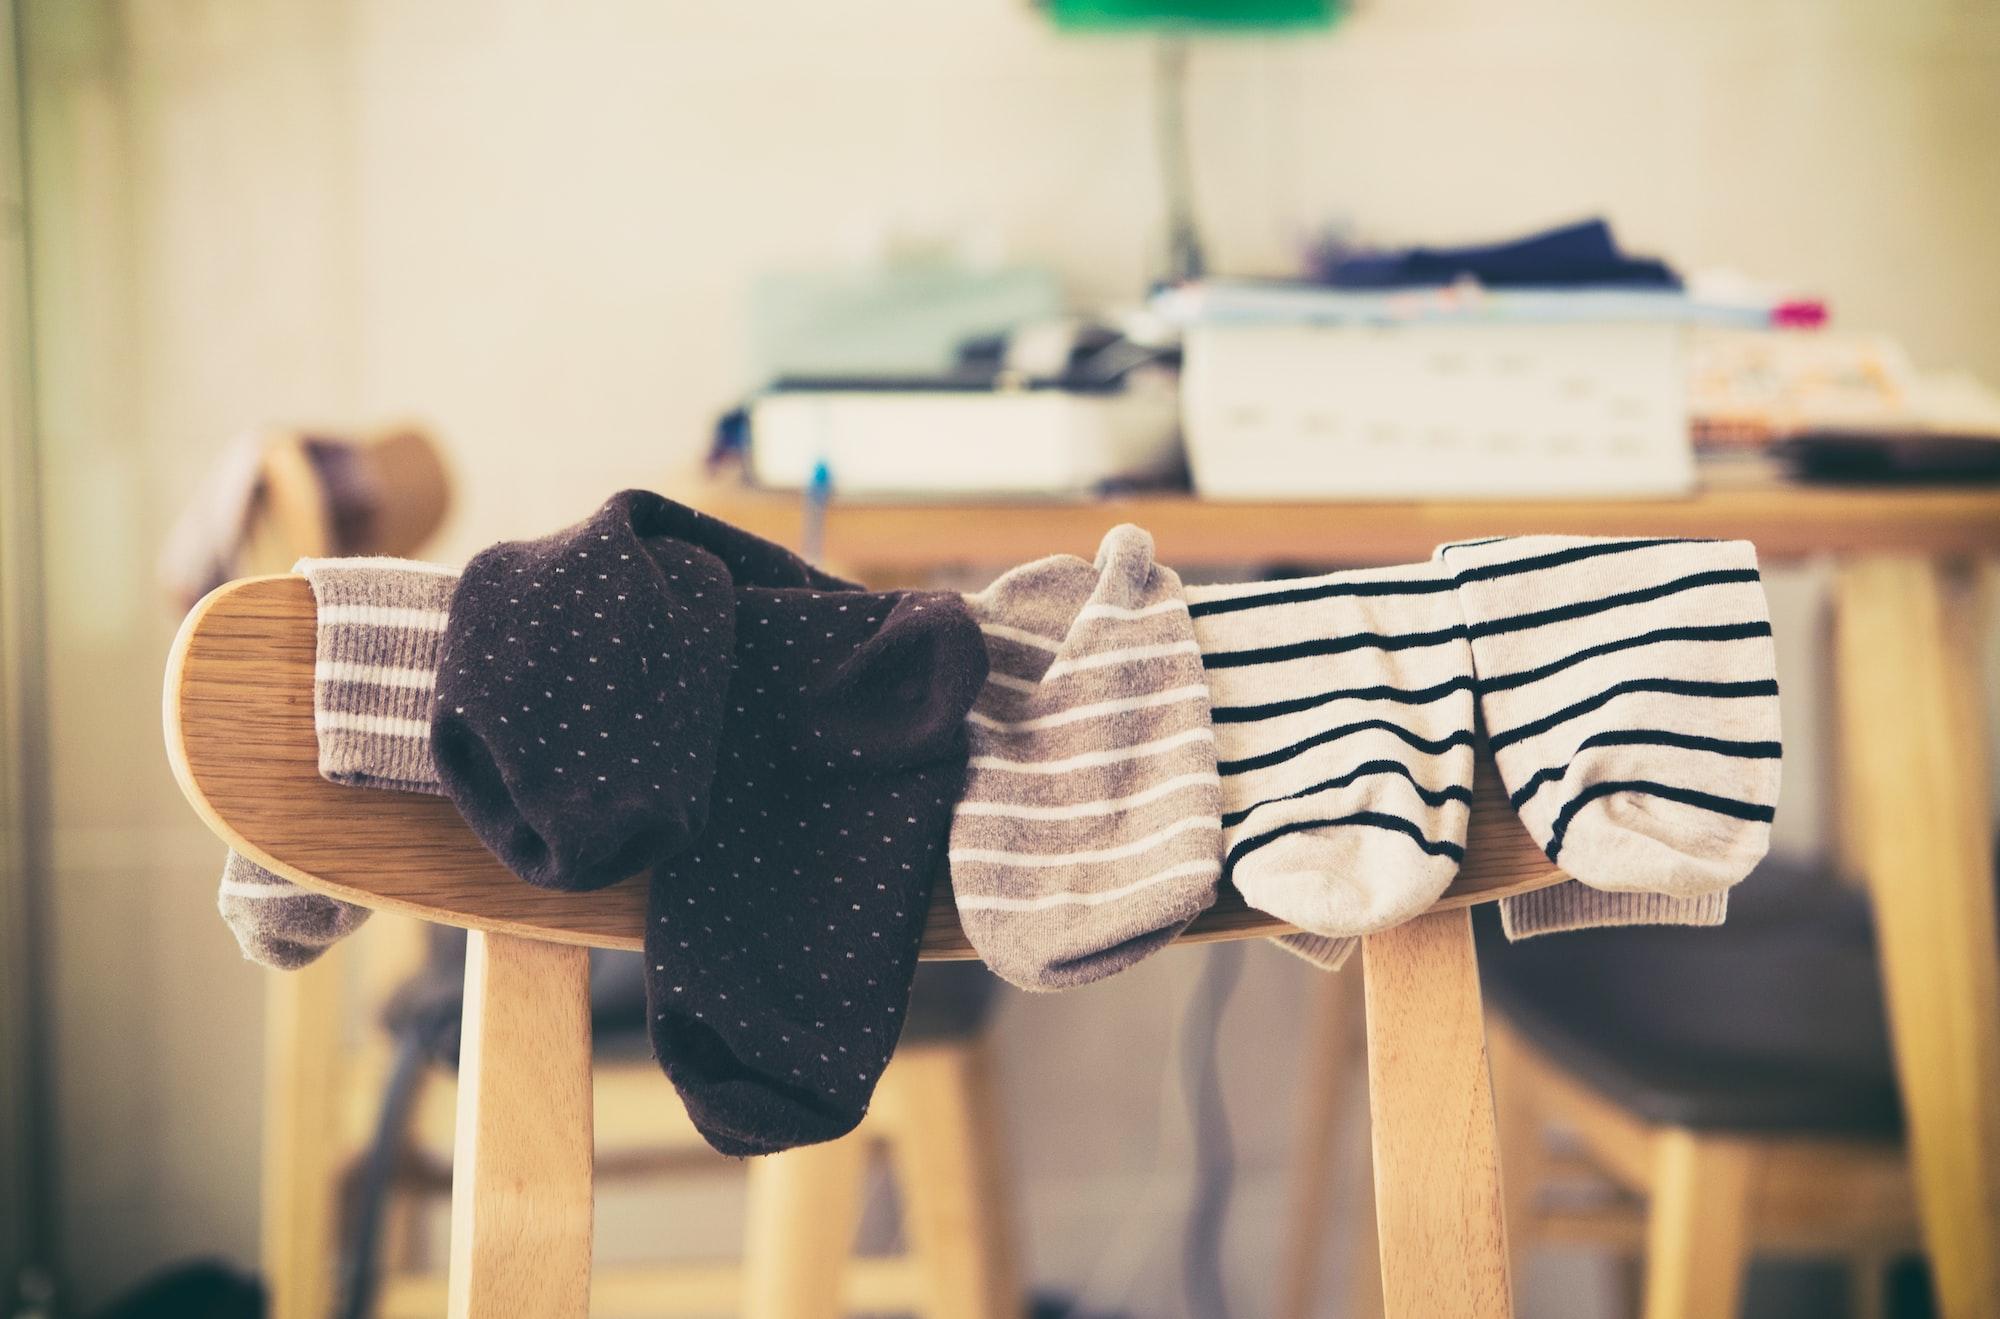 Sobre cómo unos calcetines influyen en un divorcio